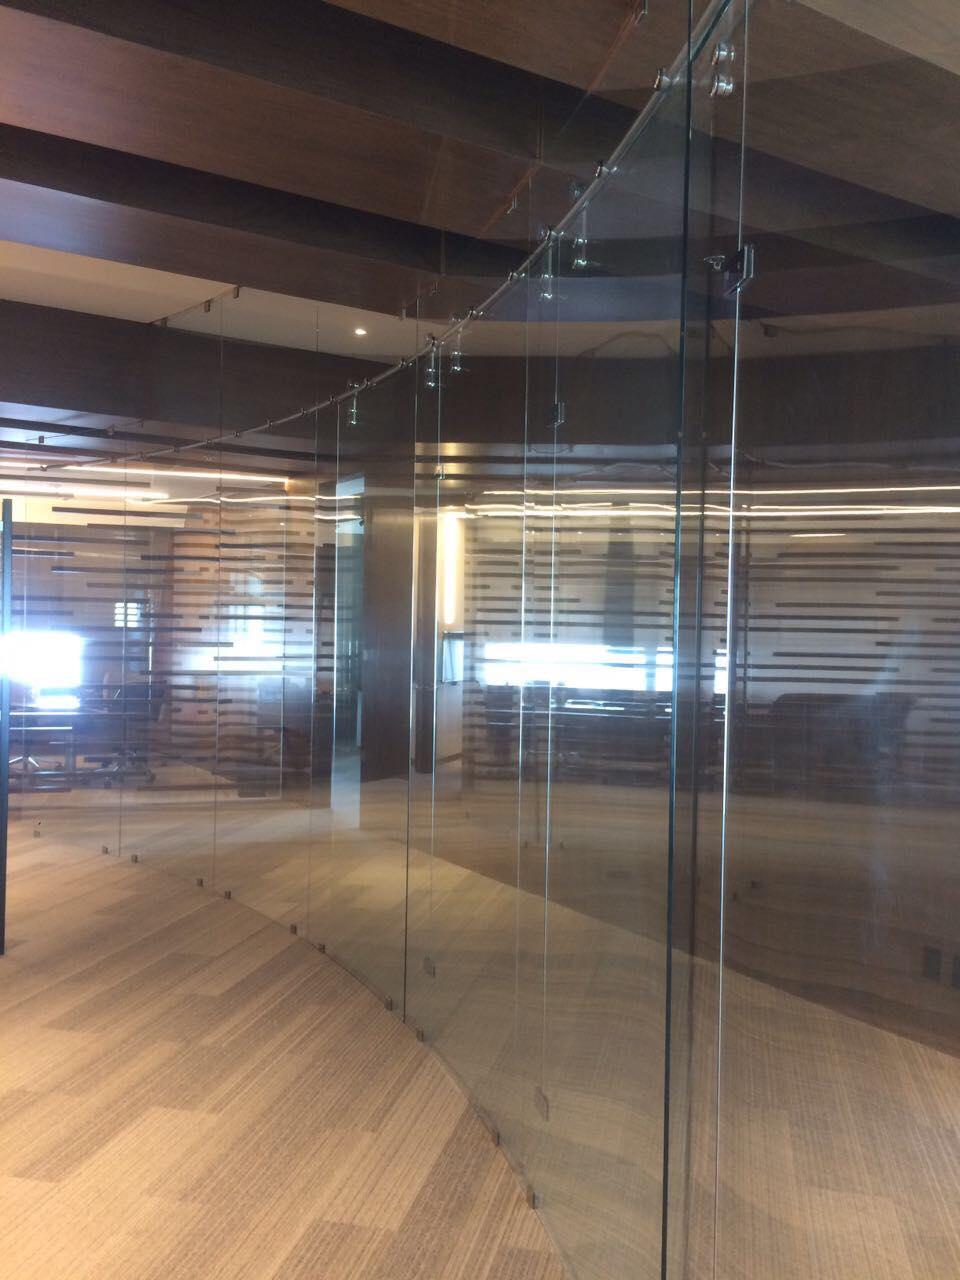 Ecarsa Mamparas divisorias de vidrio